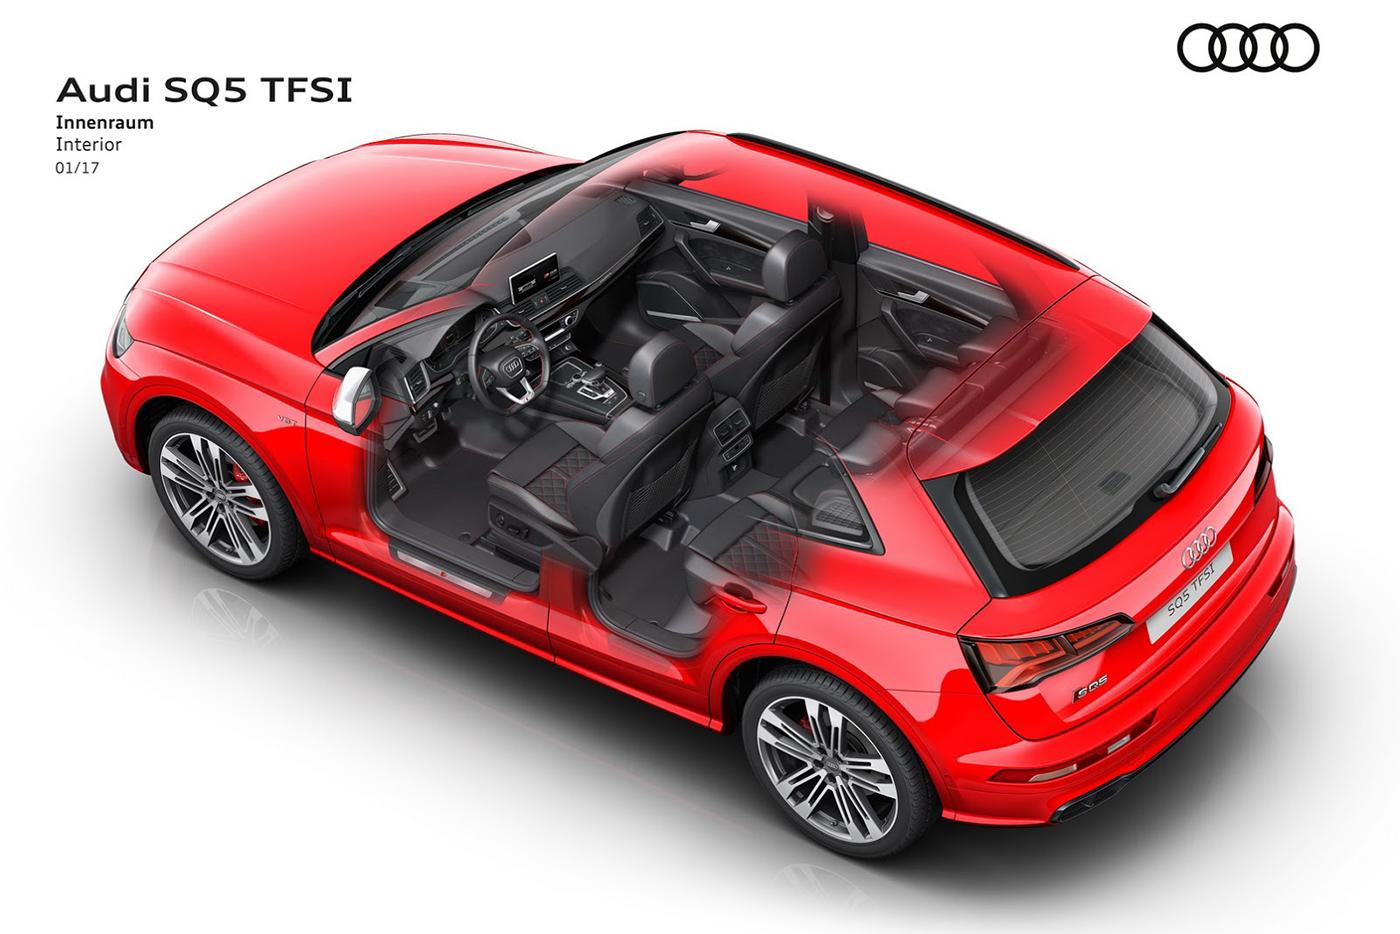 Audi giới thiệu SQ5 hoàn toàn mới, công suất 350 mã lực - ảnh 7